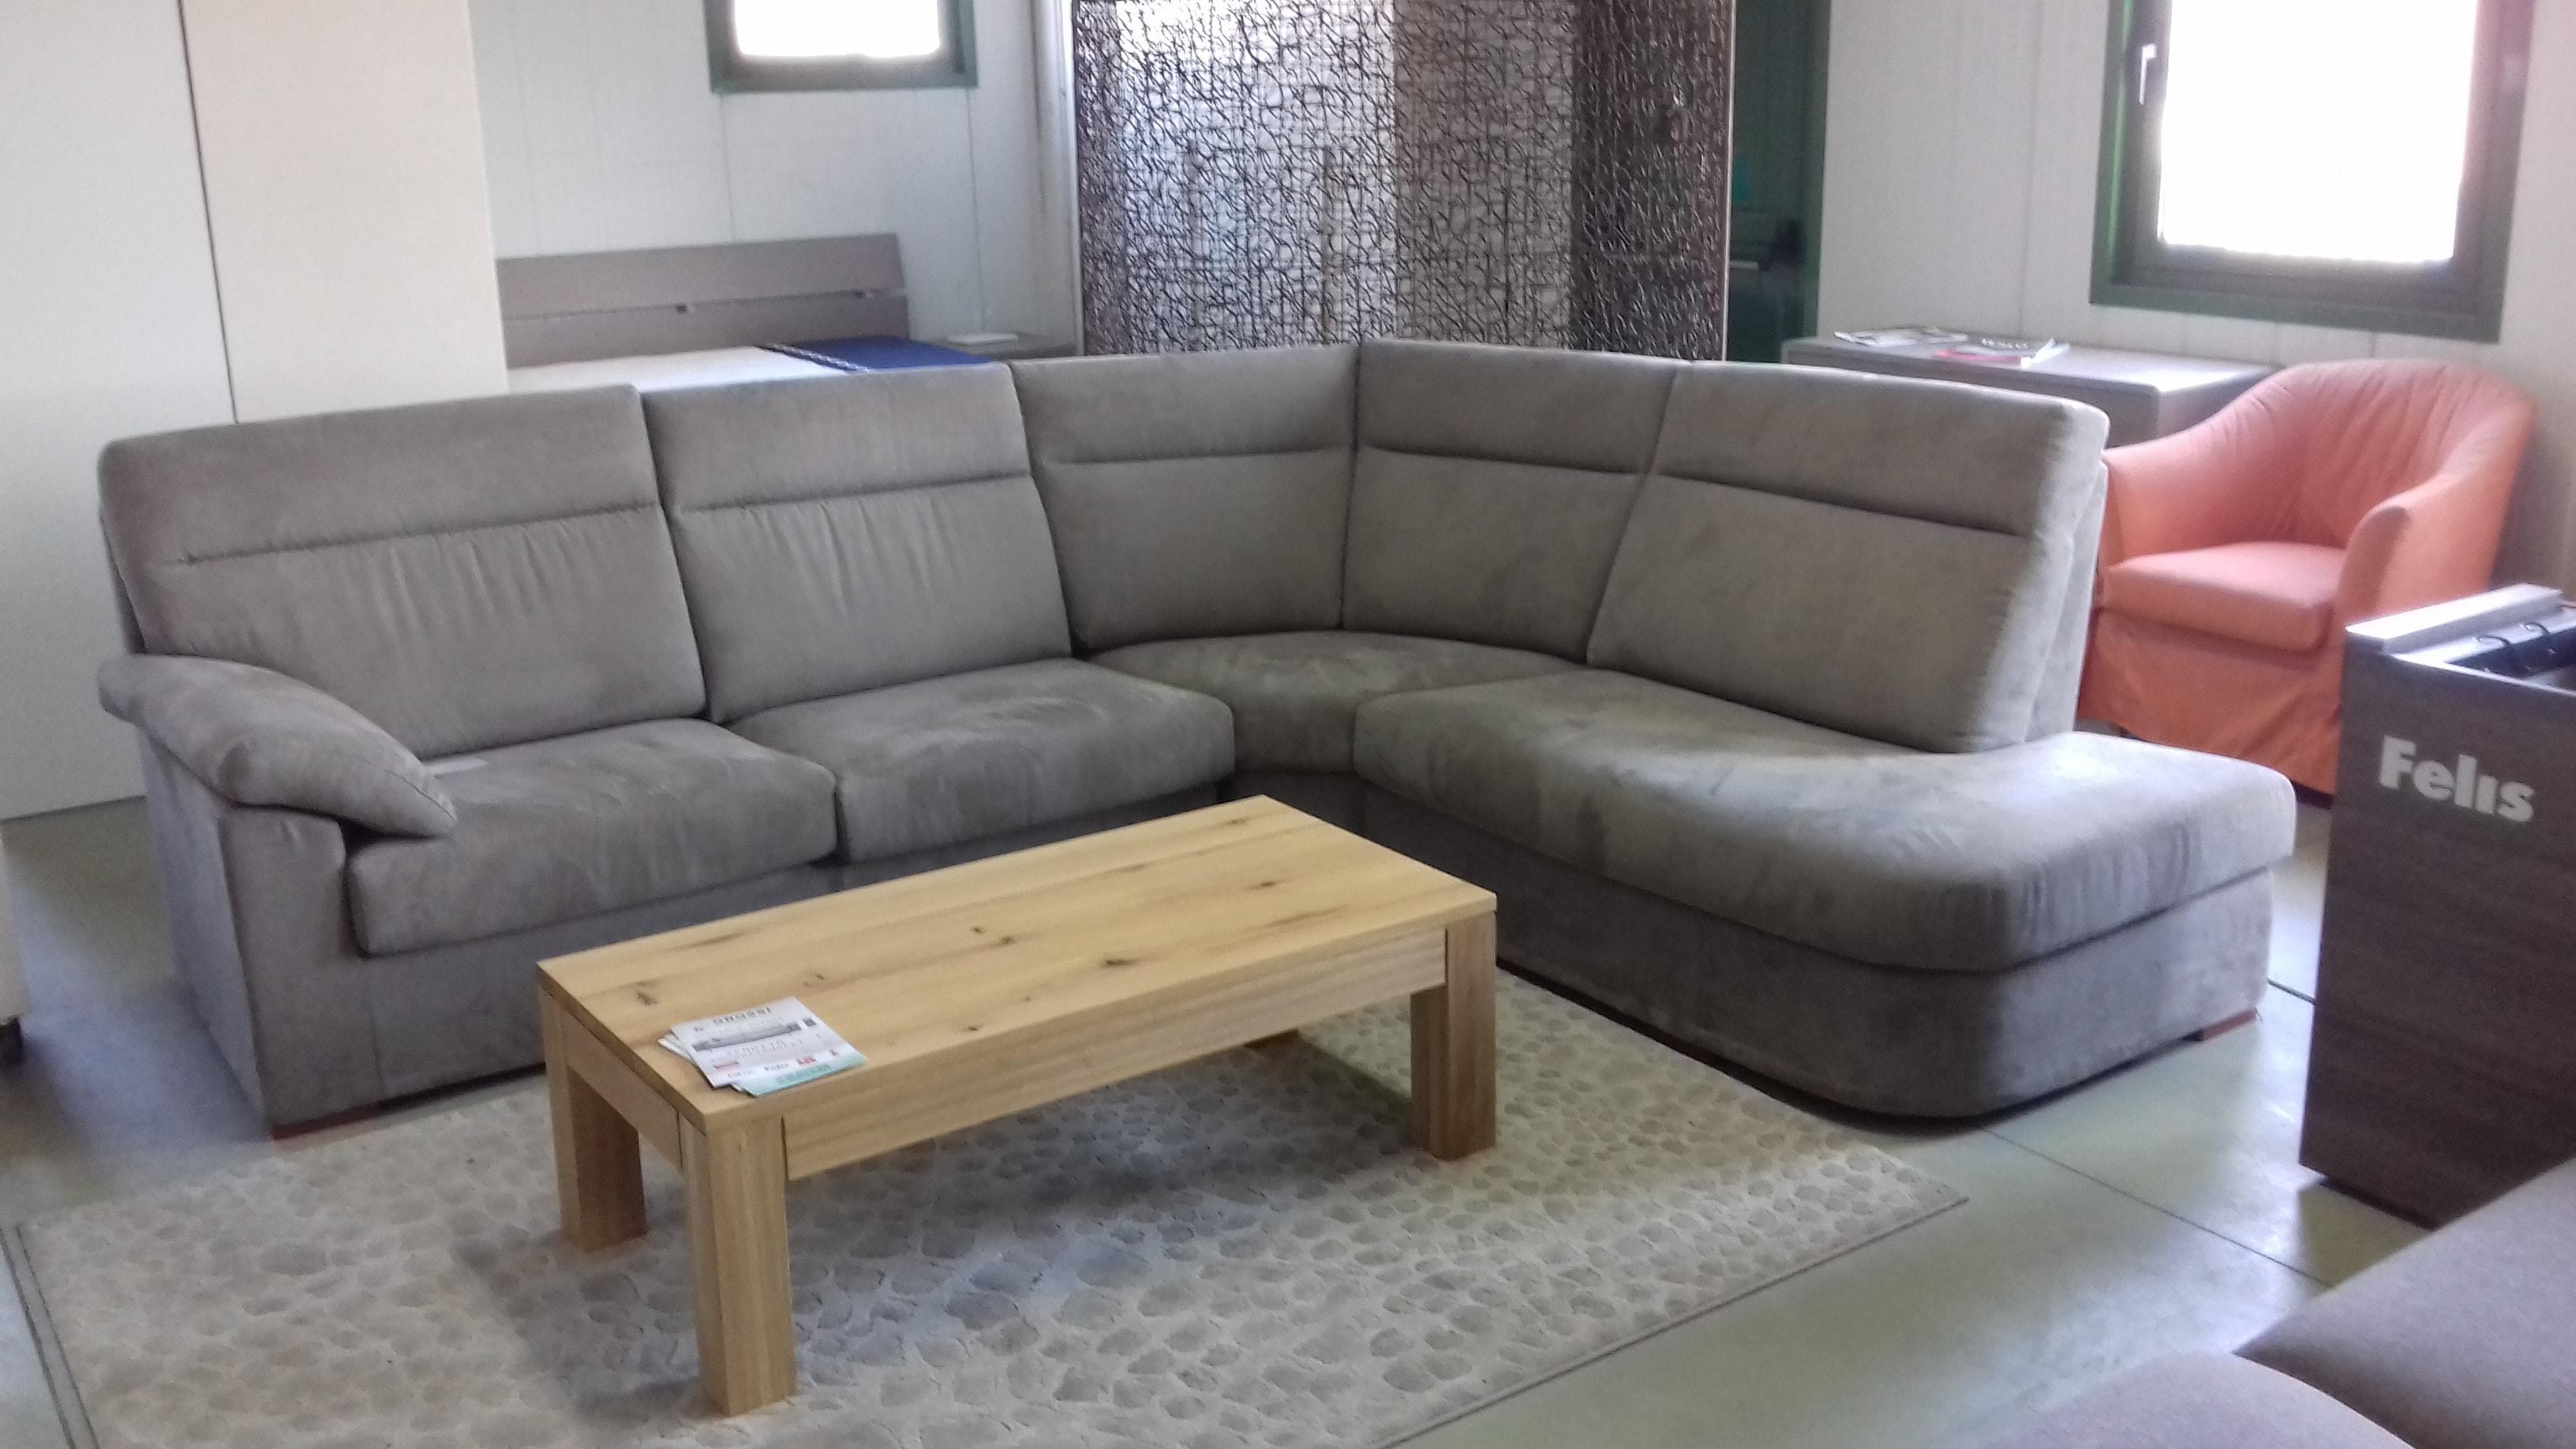 divano angolare felis a prezzi scontati divani a prezzi